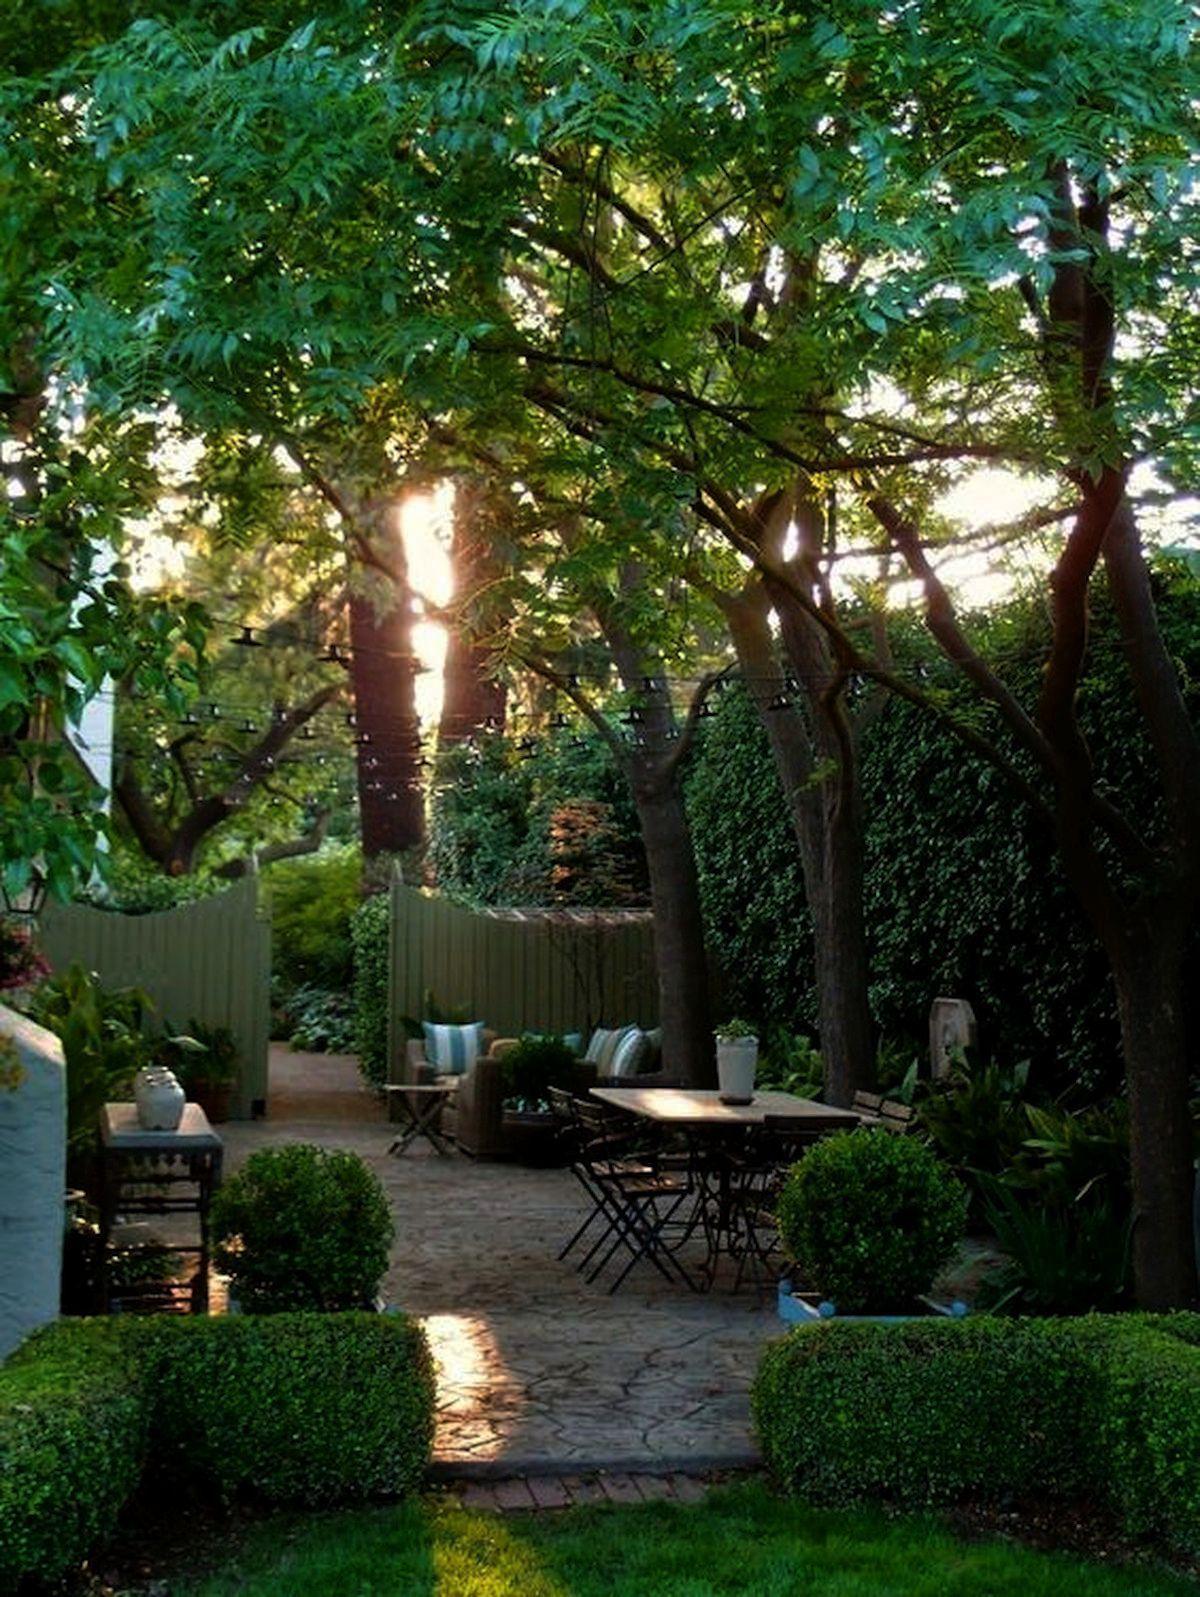 Urban Gardening Magazine Your Garden Landscape Ideas In The